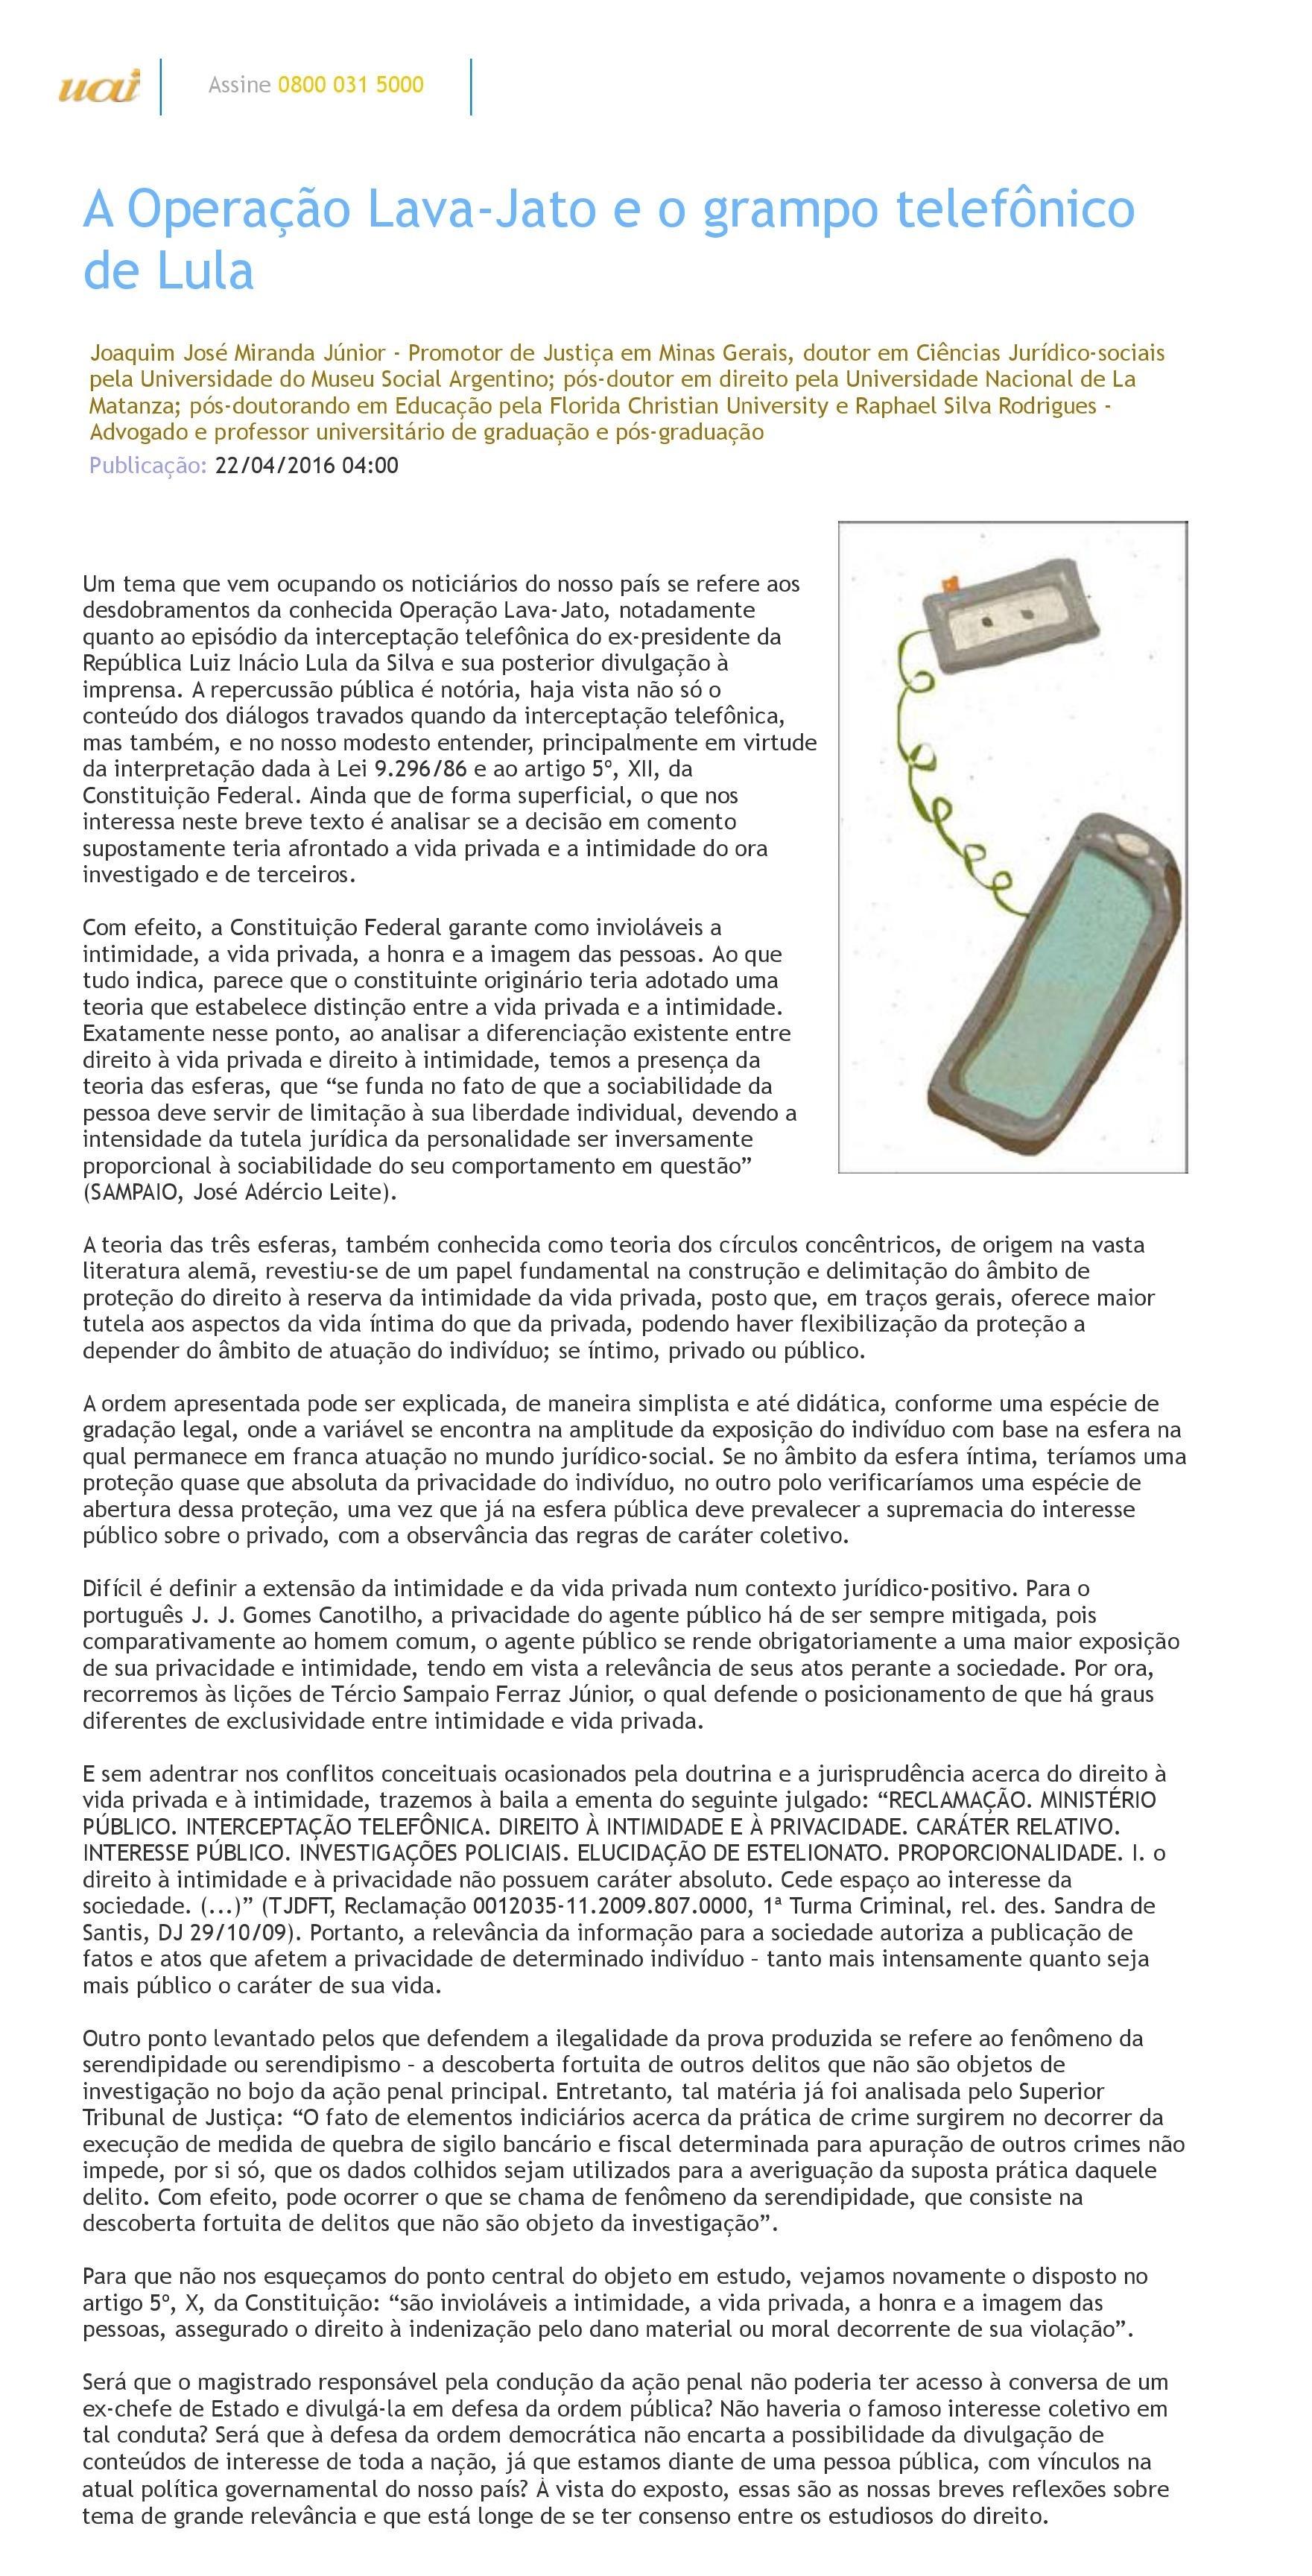 A-operação-Lava-Jato-e-o-grampo-telefônico-de-Lula